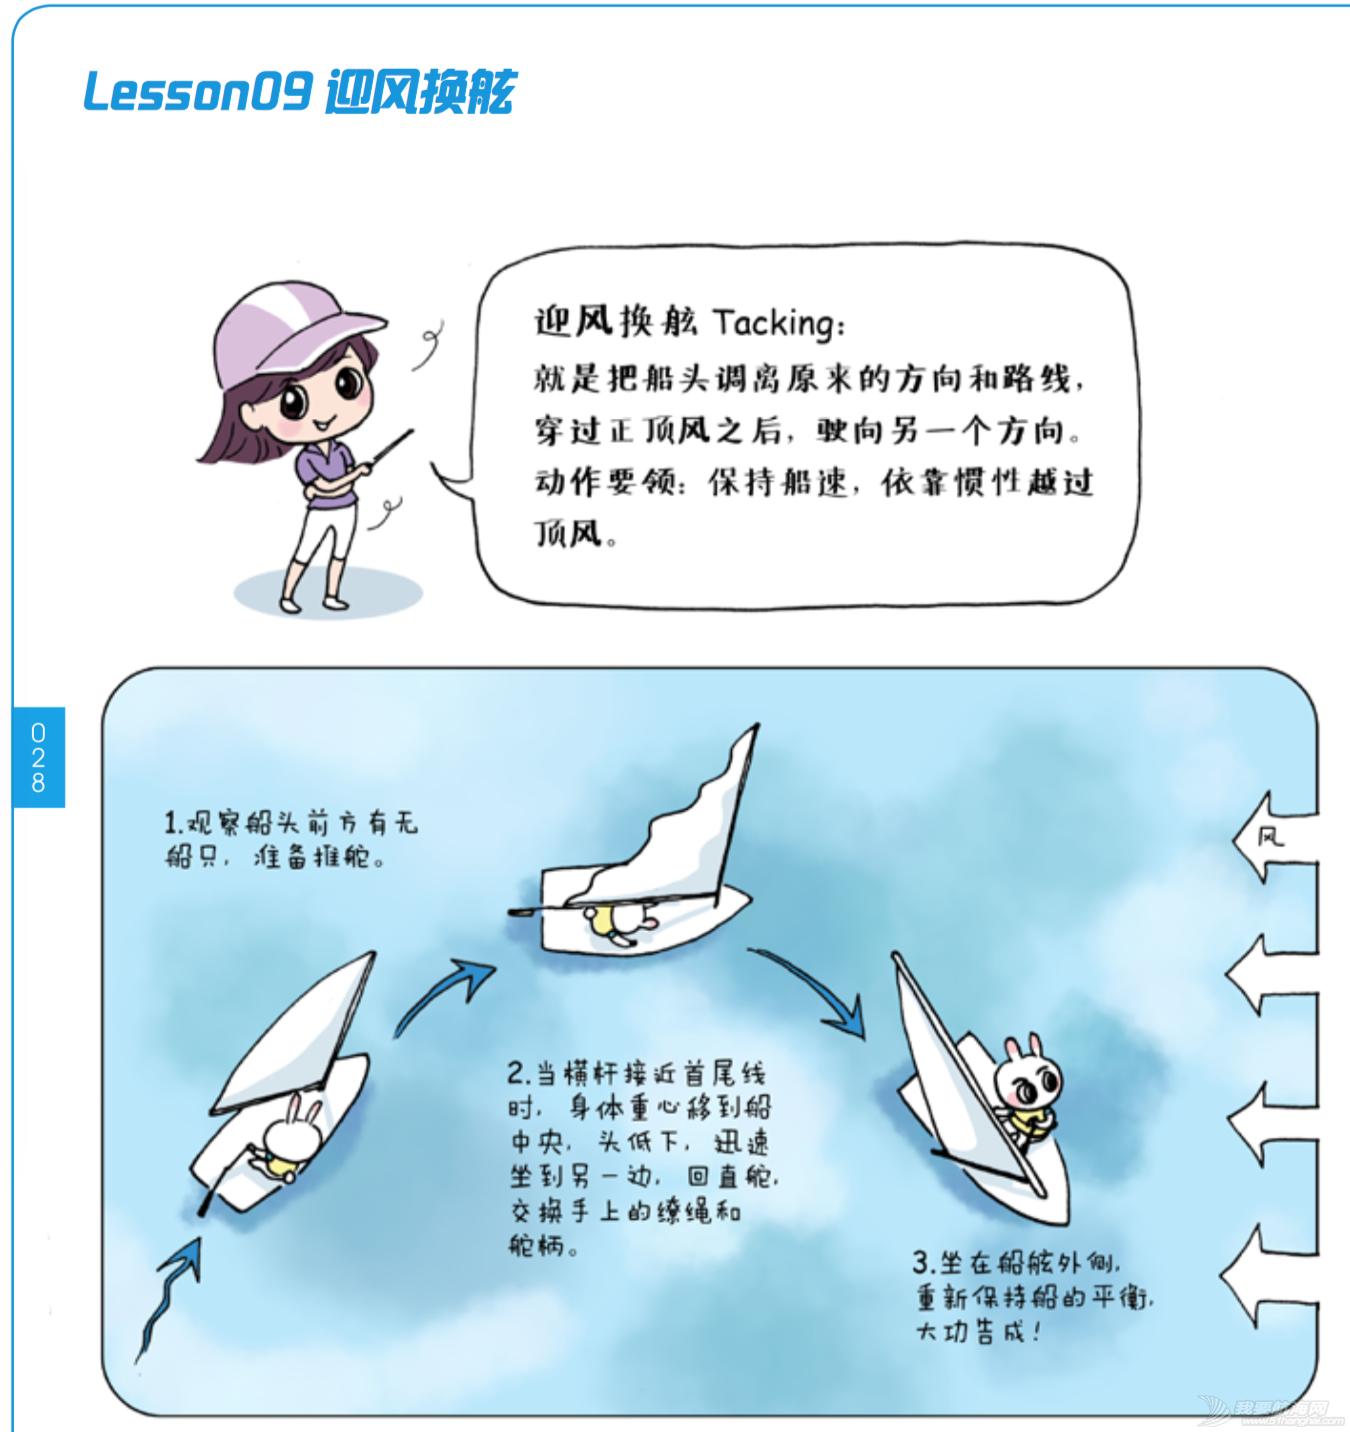 奥运冠军,帆船,连载 《跟奥运冠军学帆船》Lesson 09 迎风换舷 屏幕快照